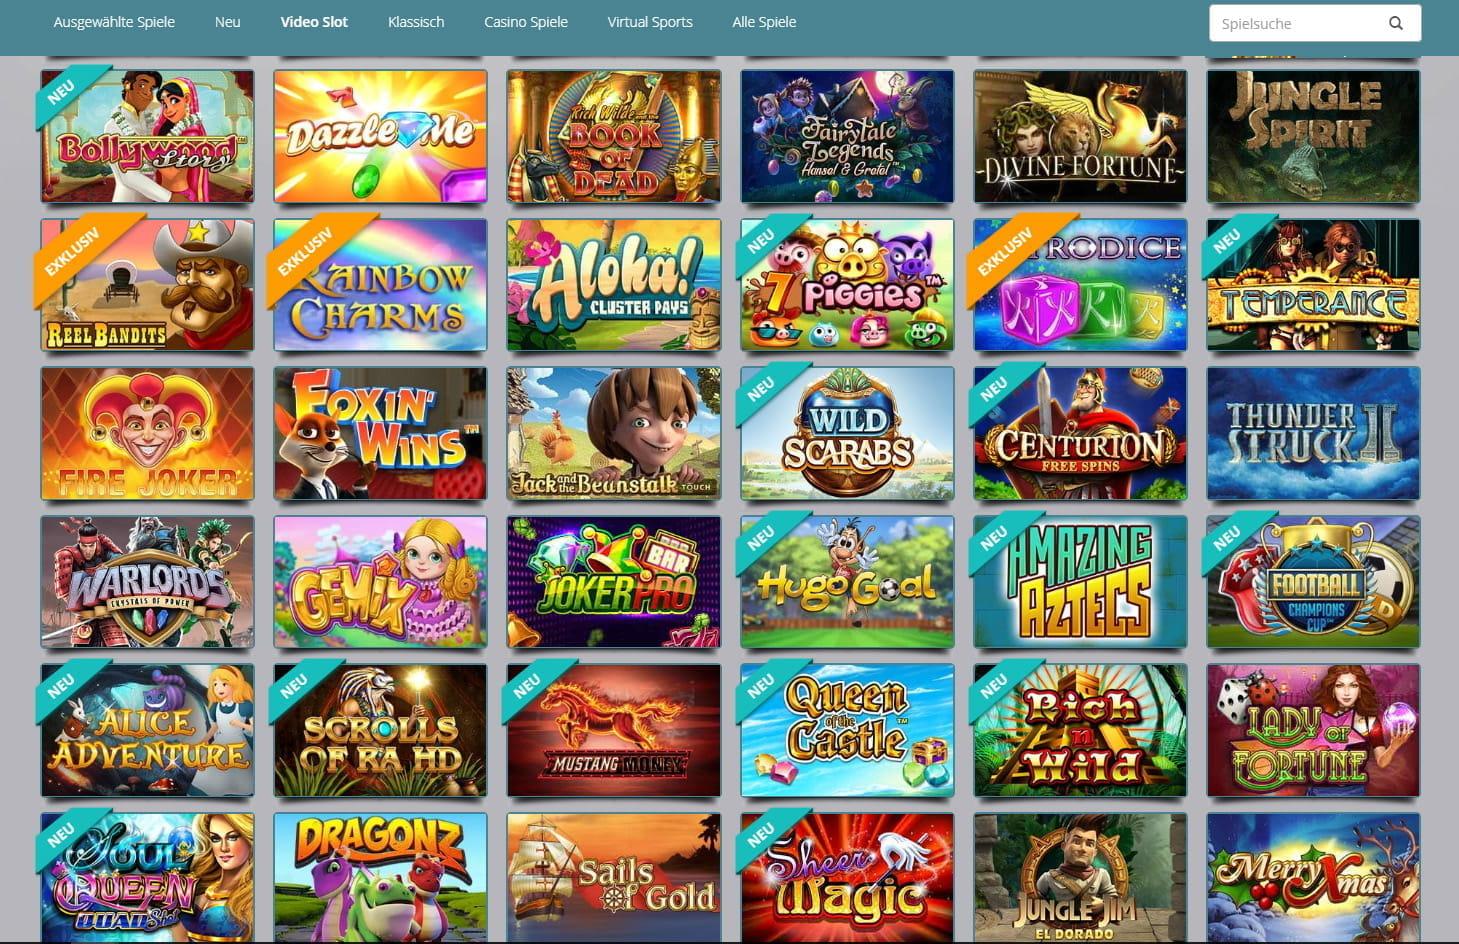 Glucksspiele Online Gewinnchance